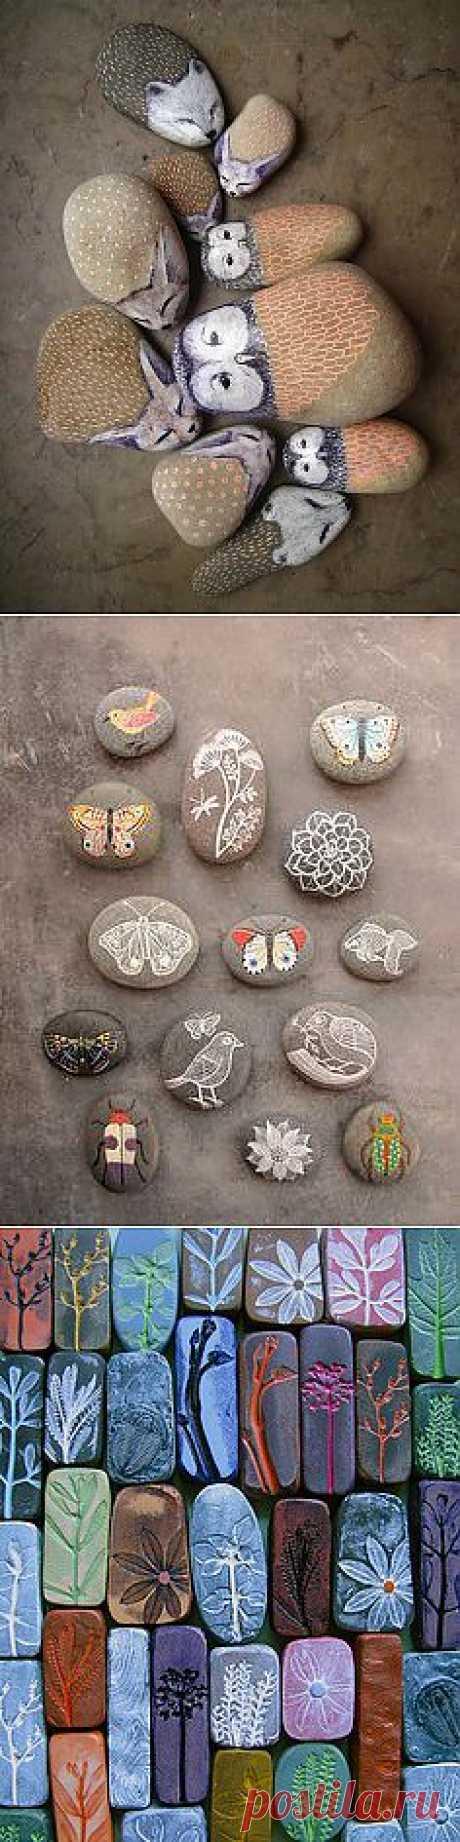 раскрашивание камней для детских игр